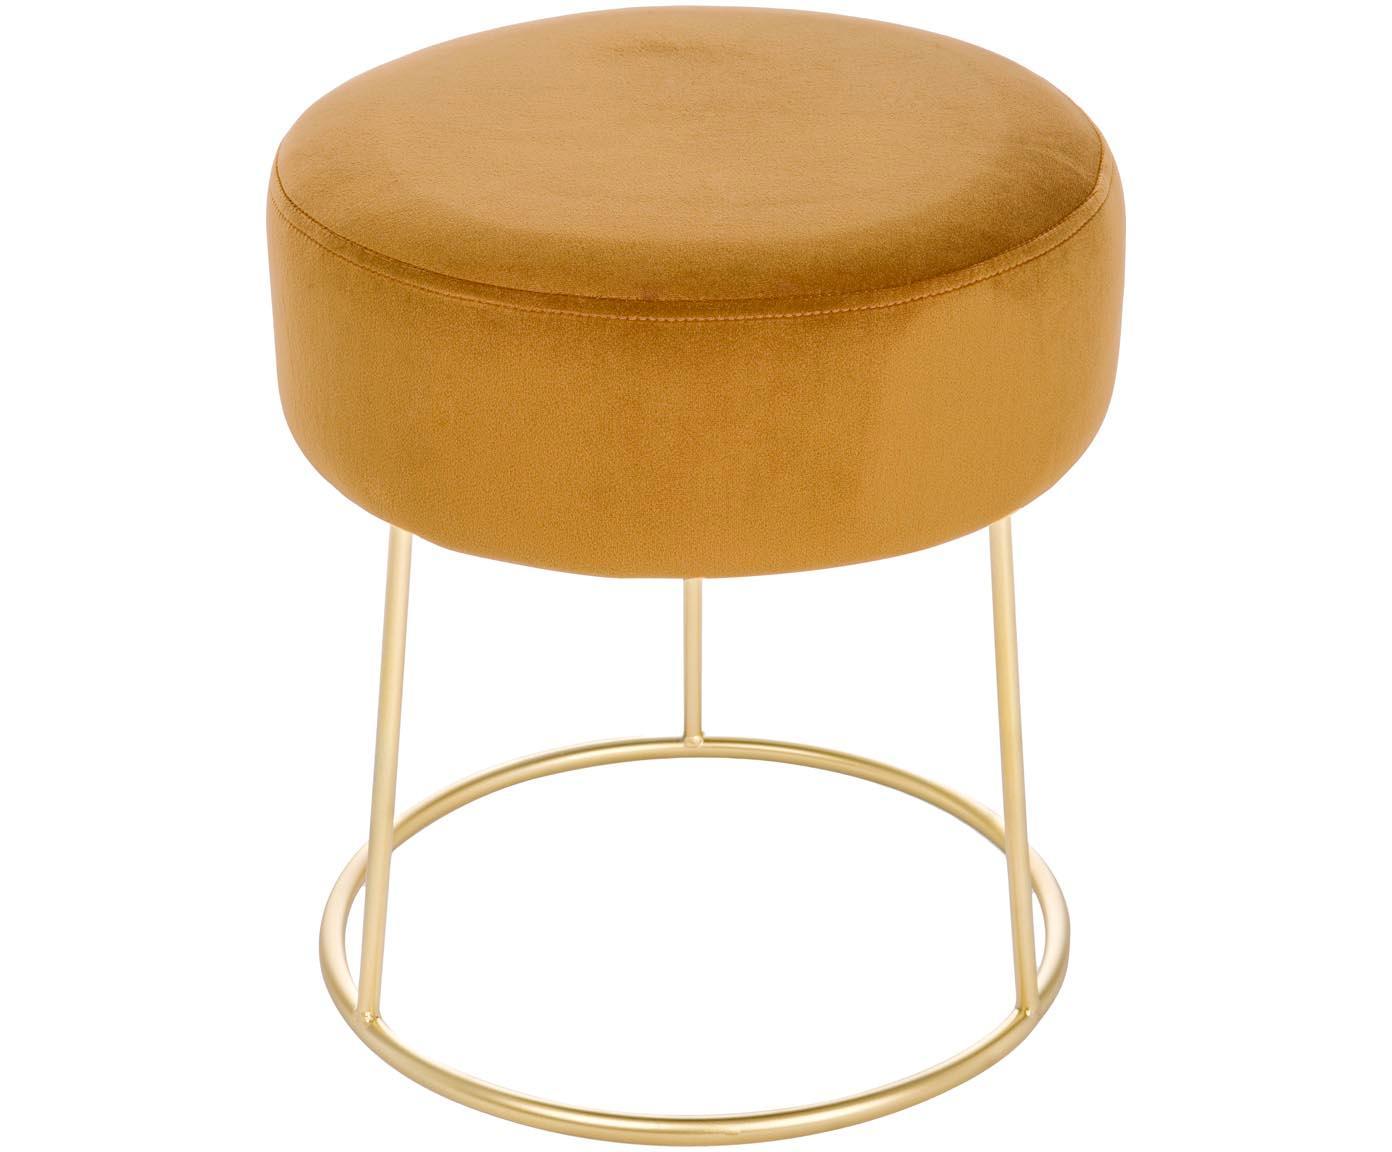 Taburete redondo de terciopelo Clarissa, Tapizado: 100%terciopelo de poliés, Estructura: tablero de densidad media, Amarillo, dorado, Ø 35 x Al 40 cm